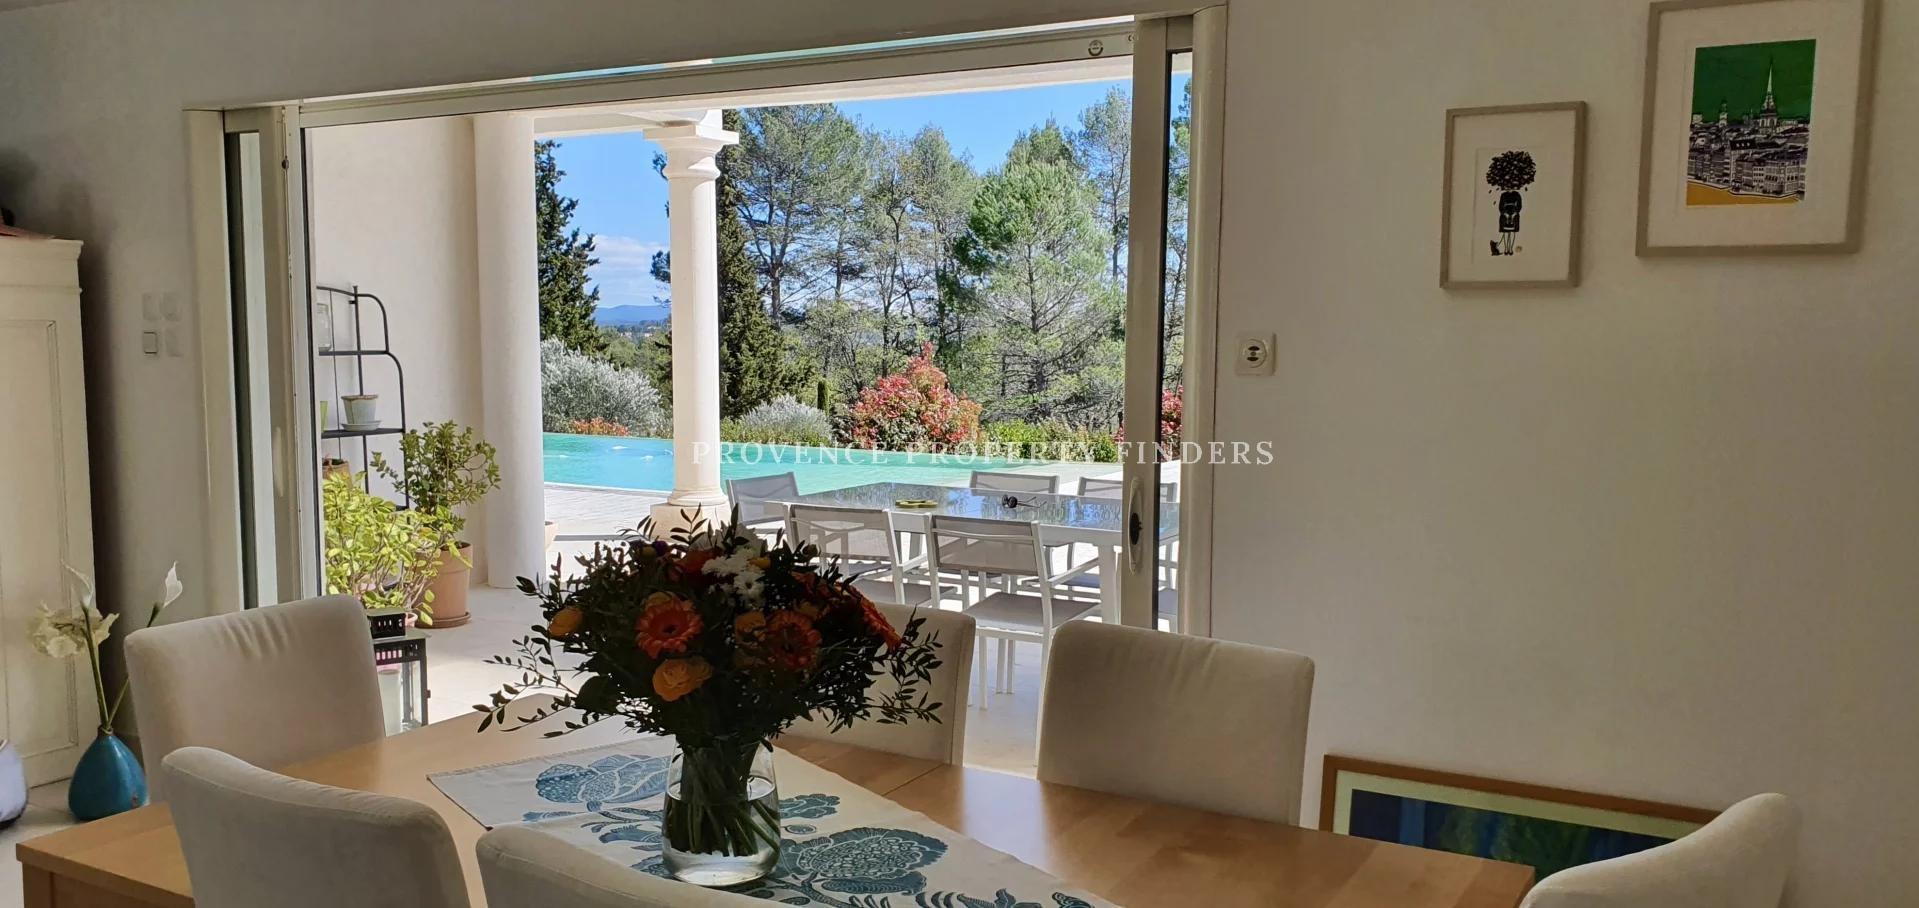 Ground floor modern villa with 4 bedrooms. Peaceful neighbourhood.